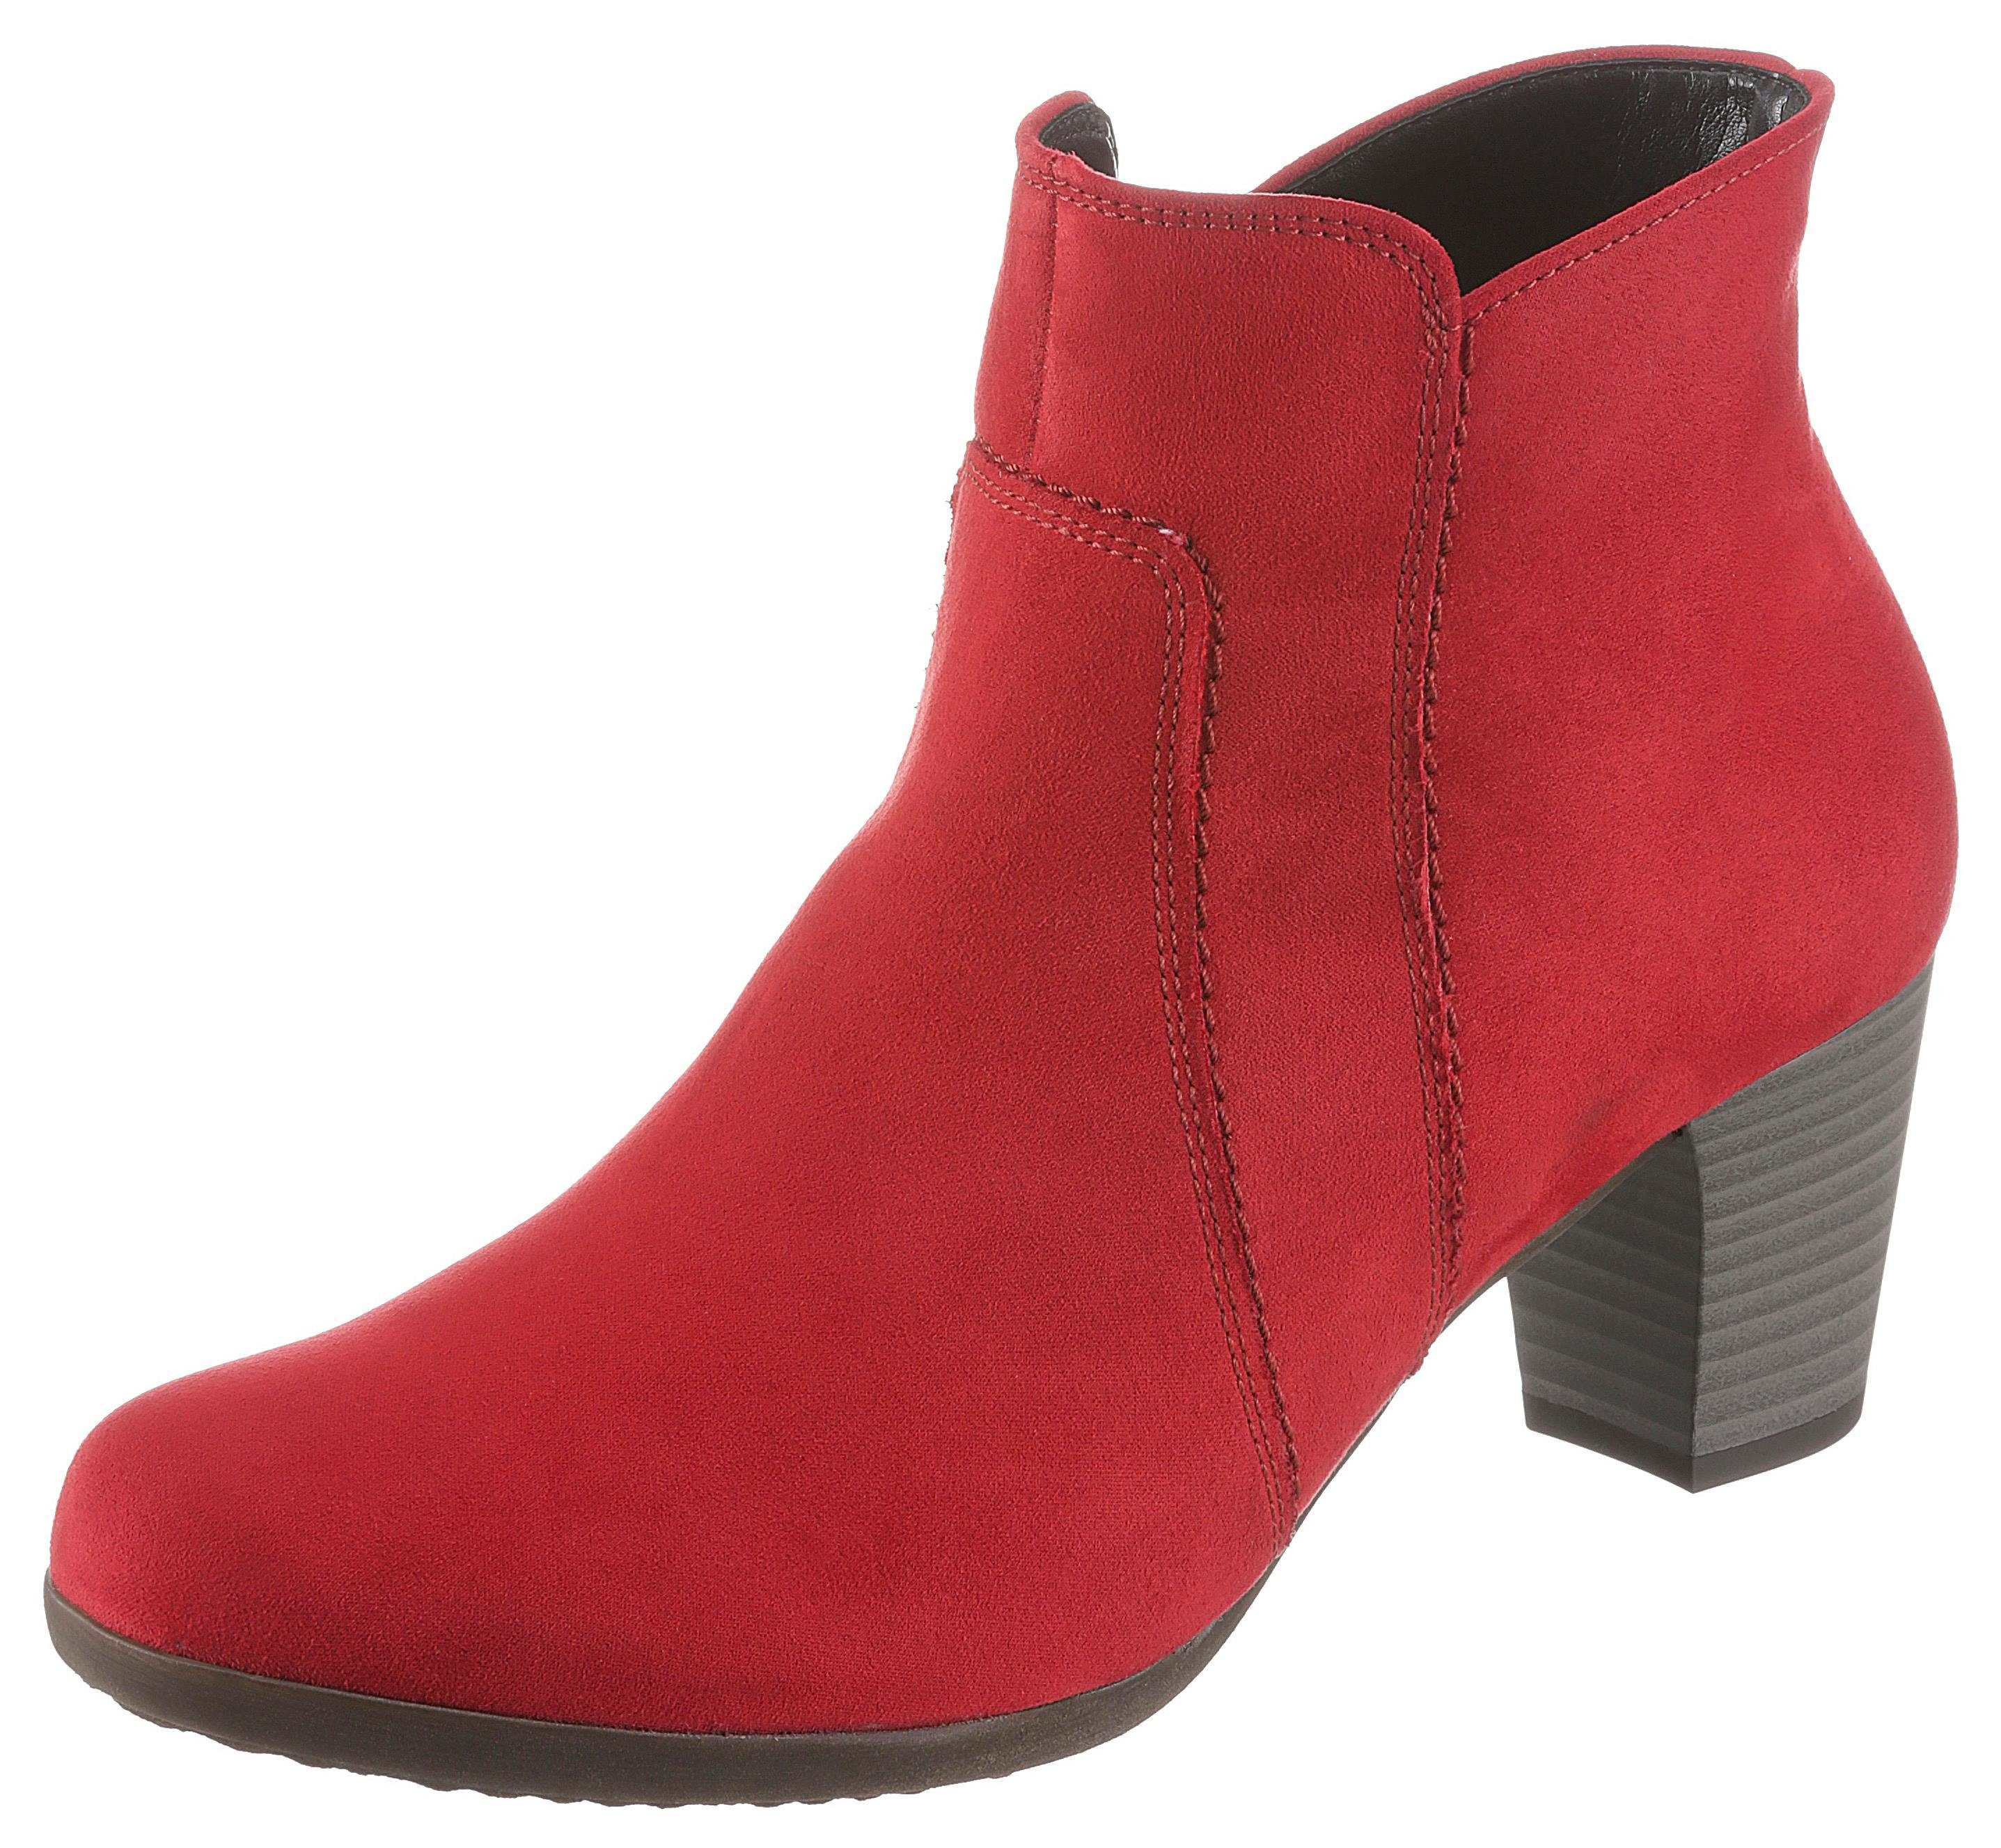 Rode enkellaarsjes online kopen | Fashionchick.nl